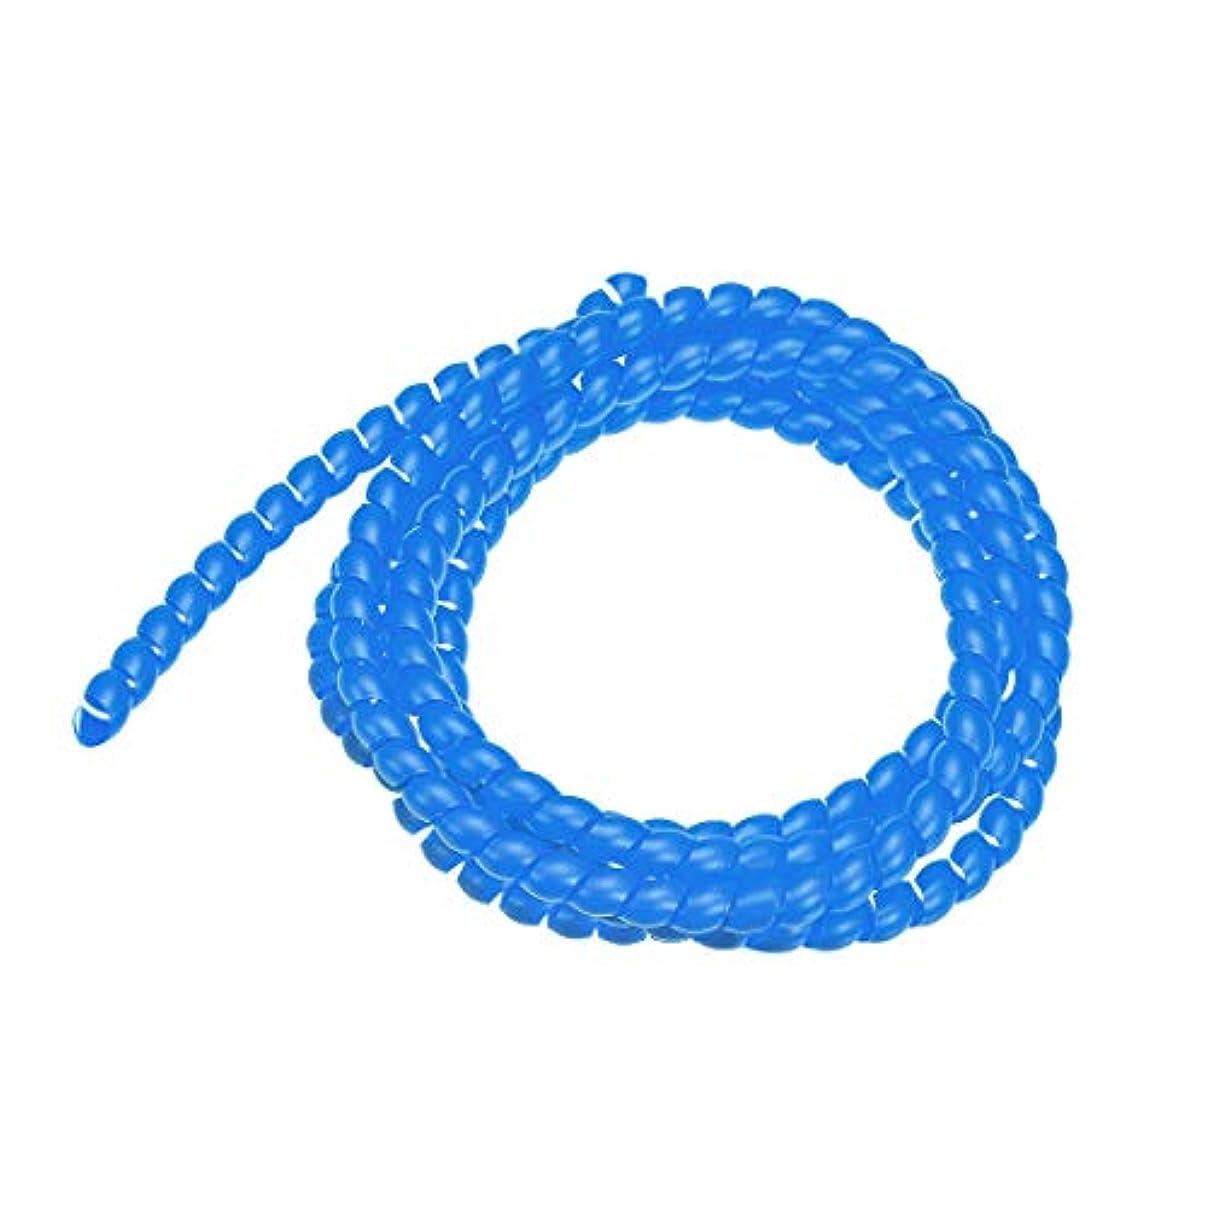 心理的ペストリーローズuxcell スパ イラルラップチューブ ポリエチレン製 ブルー 柔軟で再利用可能 8mm X 10mm 2m長さ